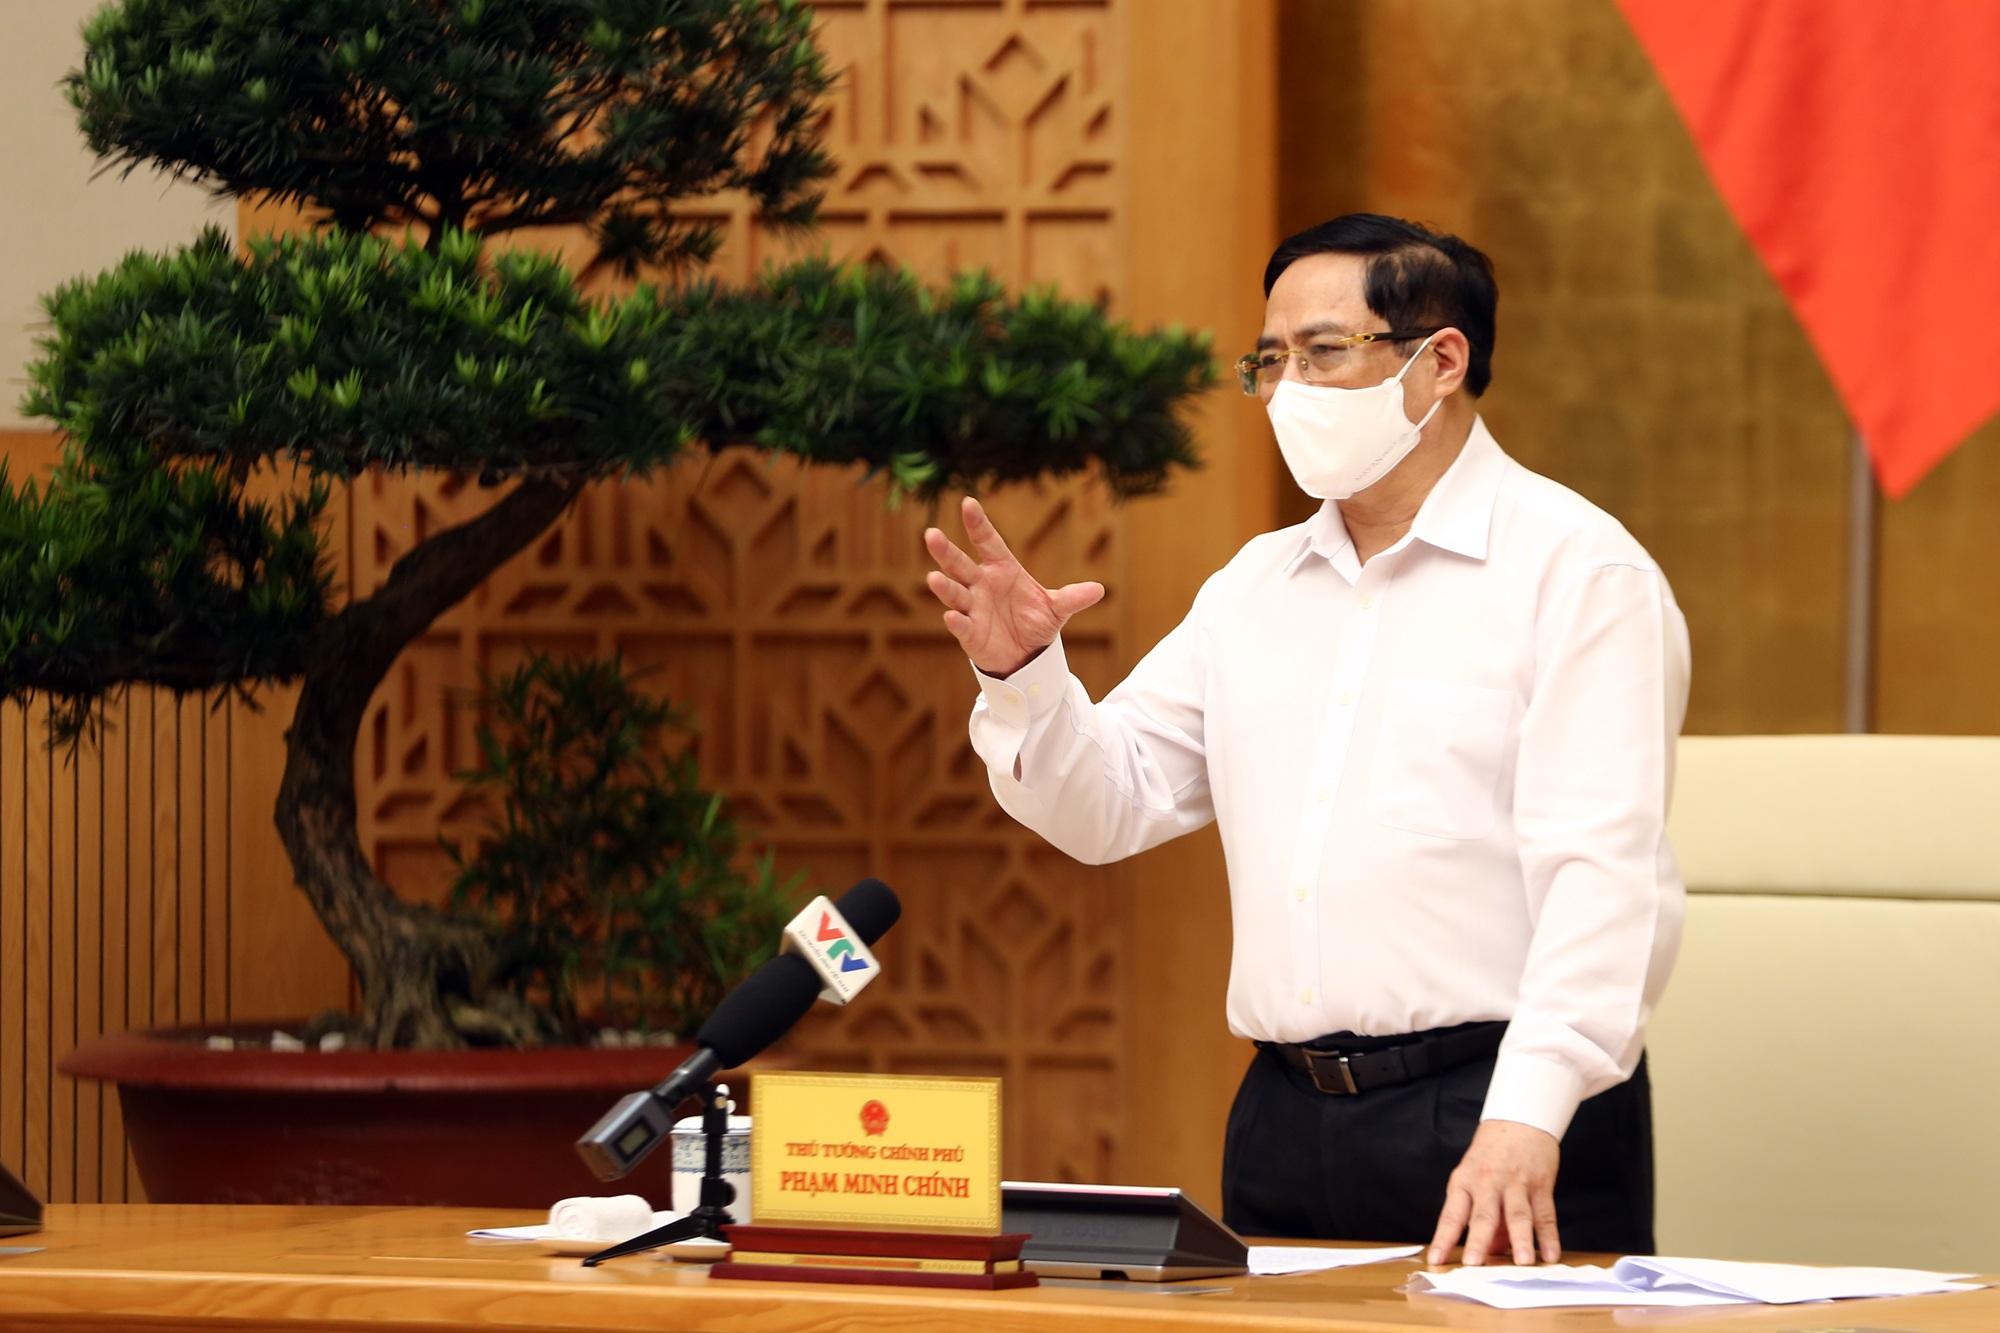 Thủ tướng nói về quyết định giãn cách xã hội toàn tỉnh của Thái Bình